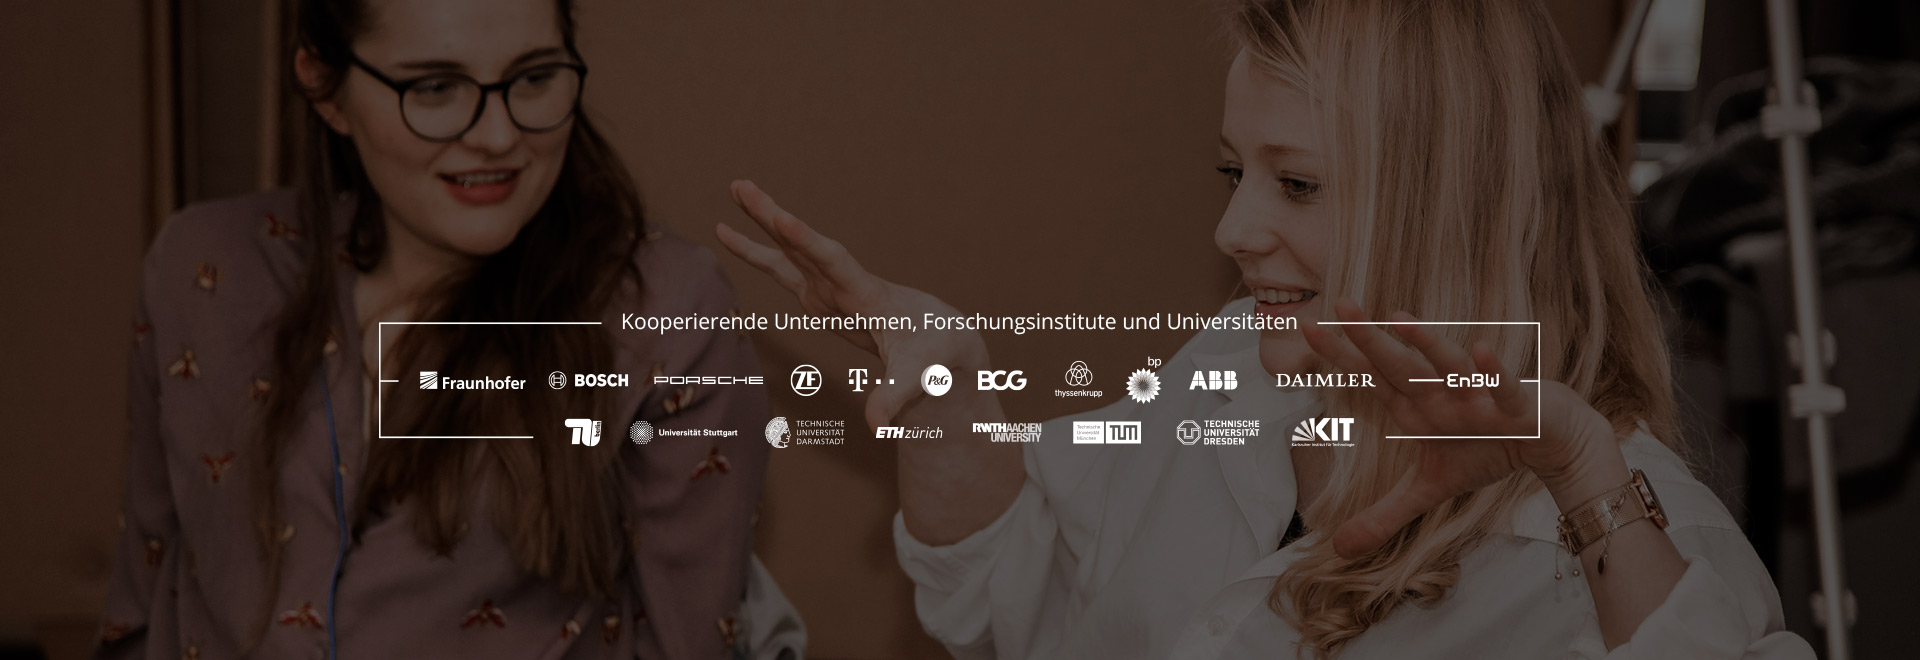 https://www.femtec.org/wp-content/uploads/2019/09/homepage_slider_partnerlogos_inverted_small_header.jpg